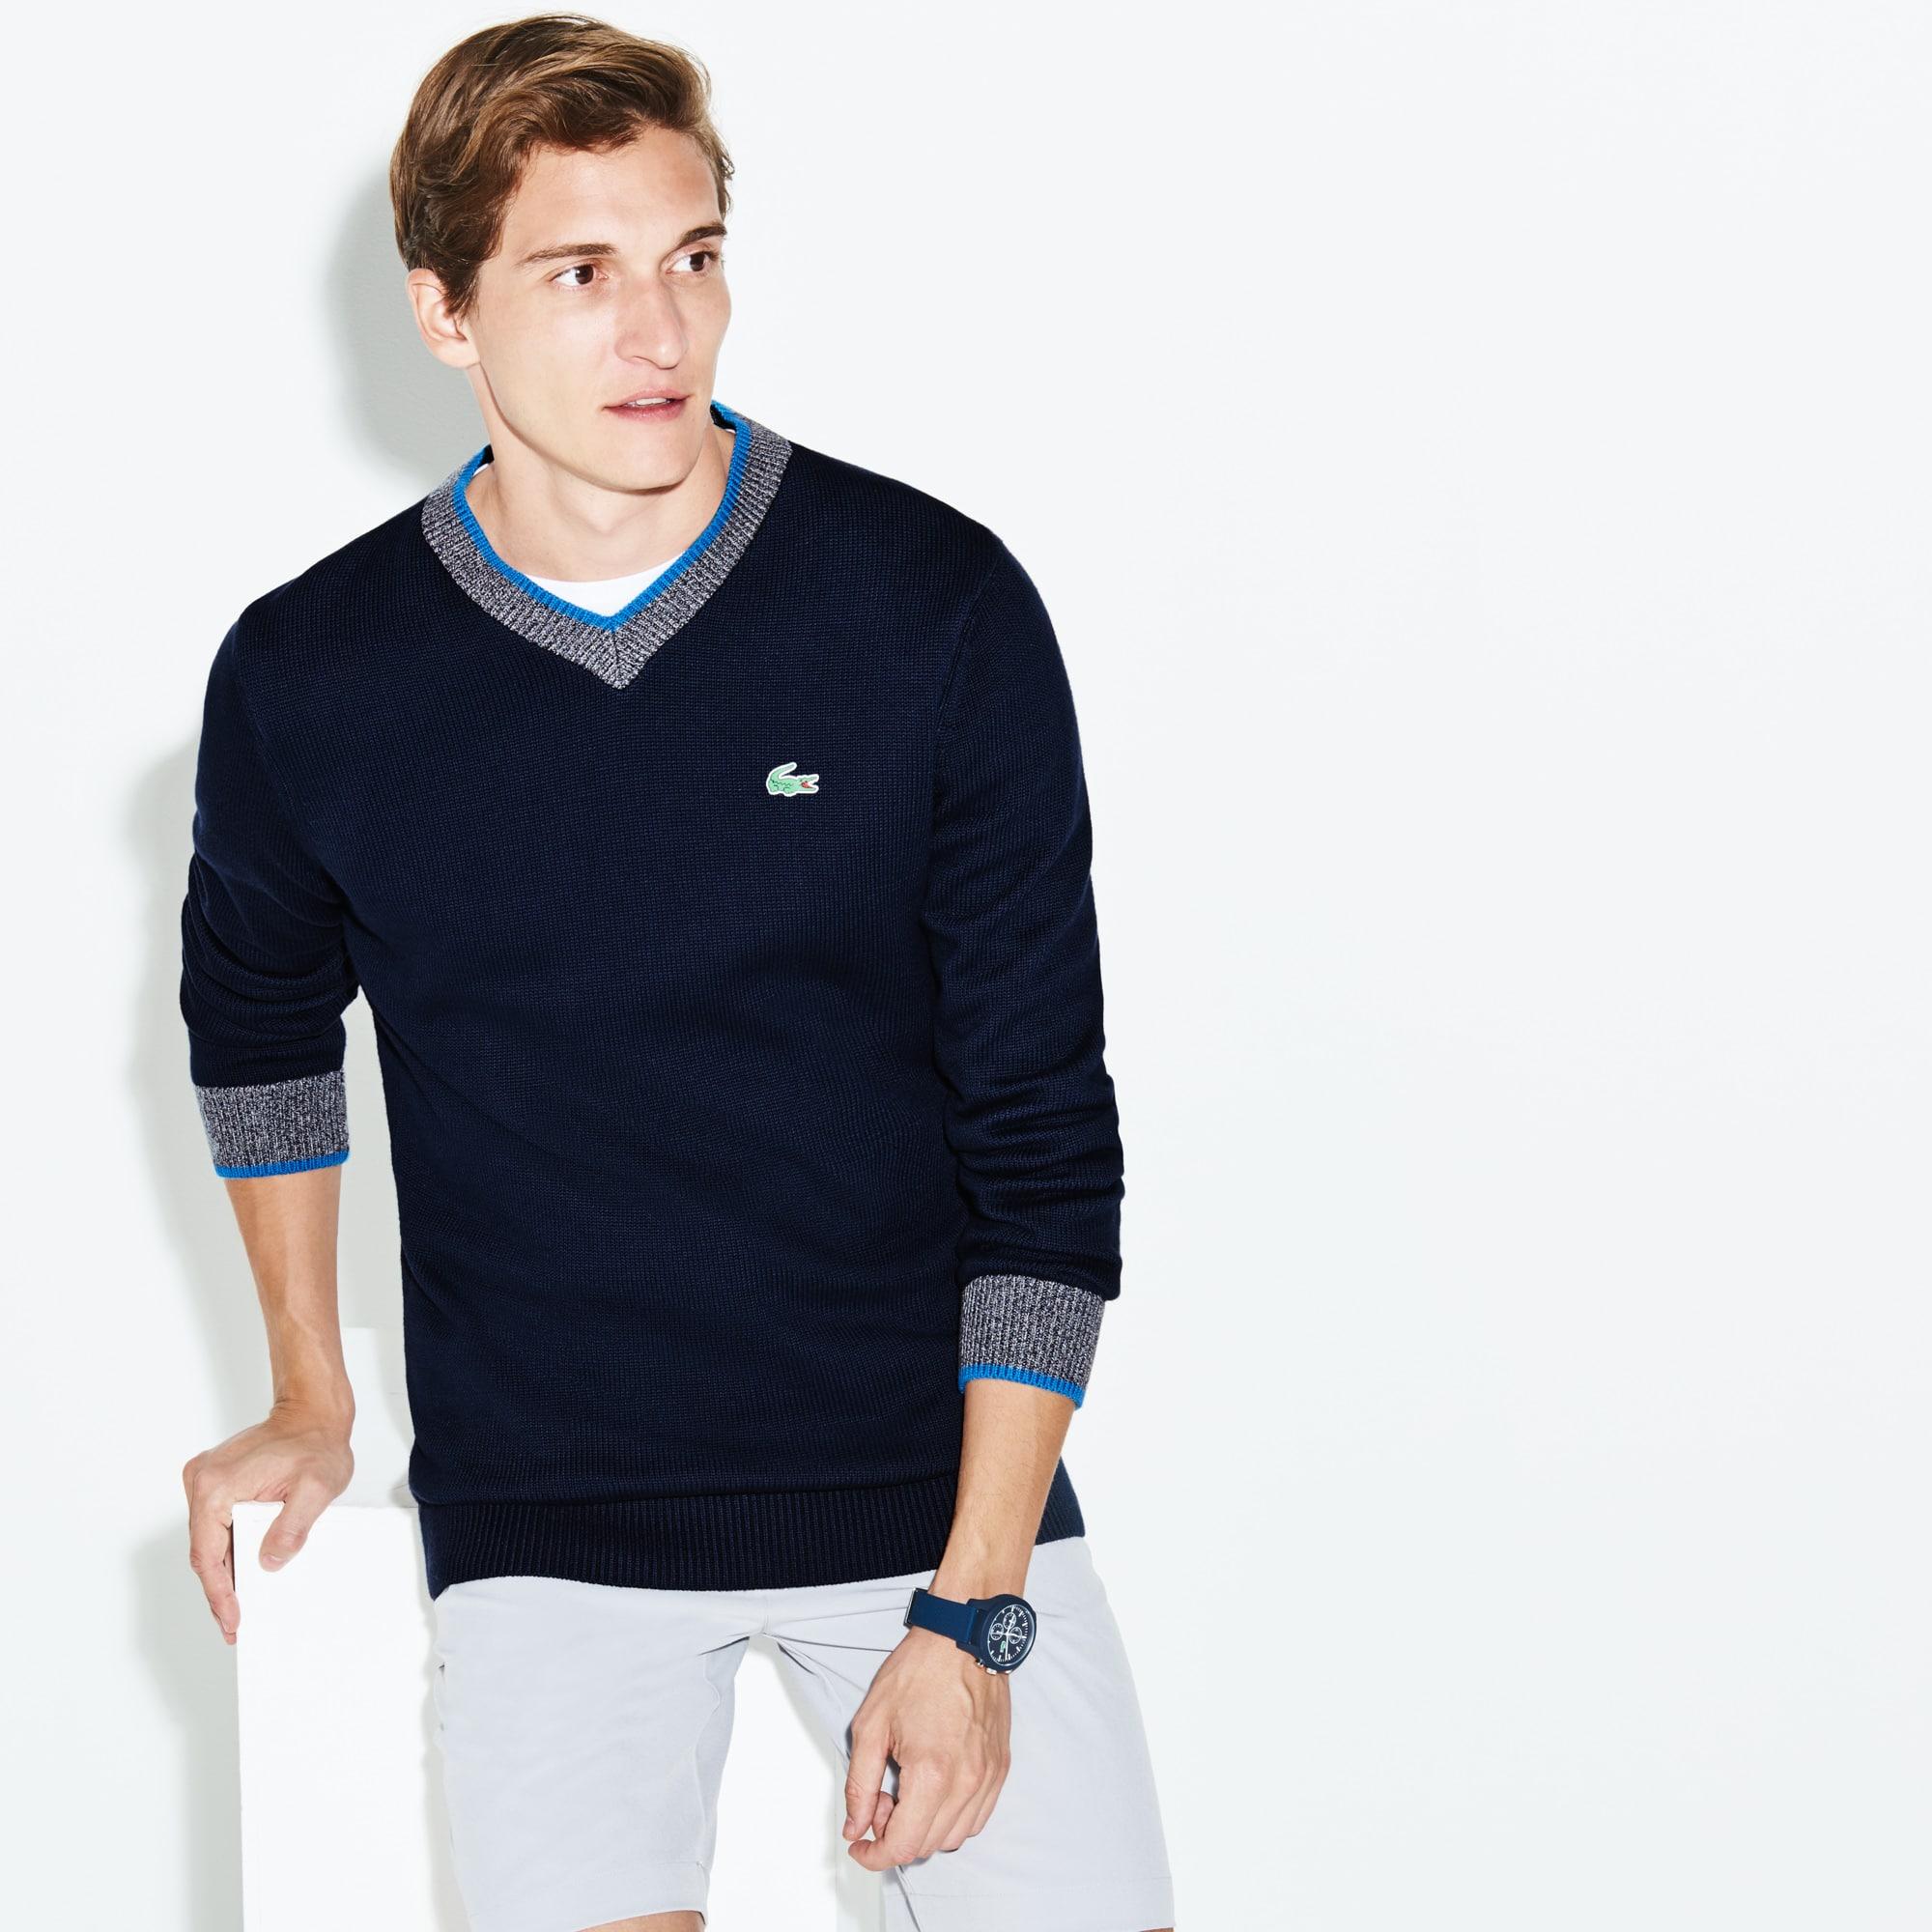 Herren LACOSTE SPORT Golf-Pullover aus Strick-Baumwolle